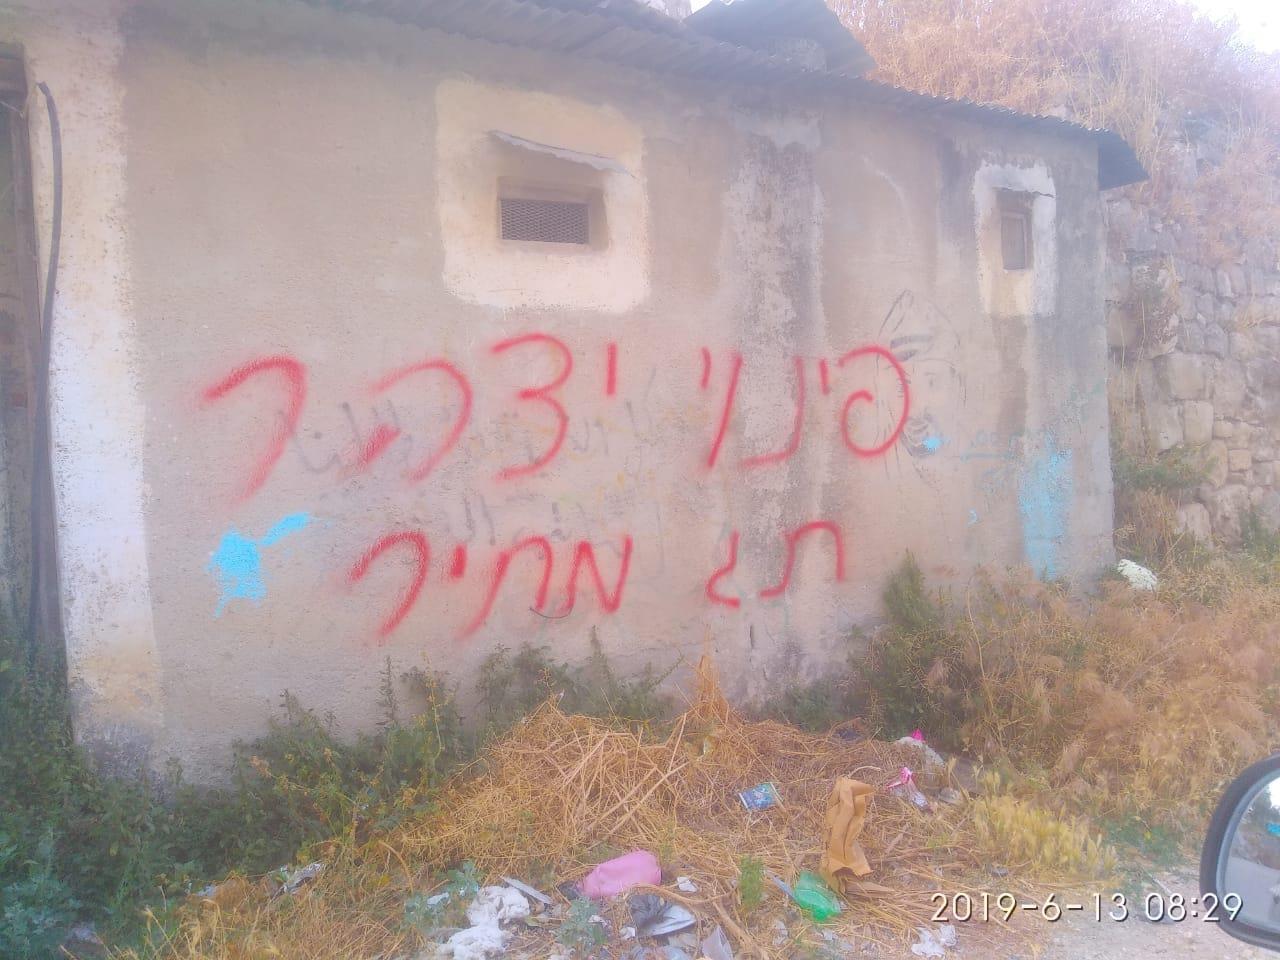 עינאבוס הבוקר  (משטרת ישראל)